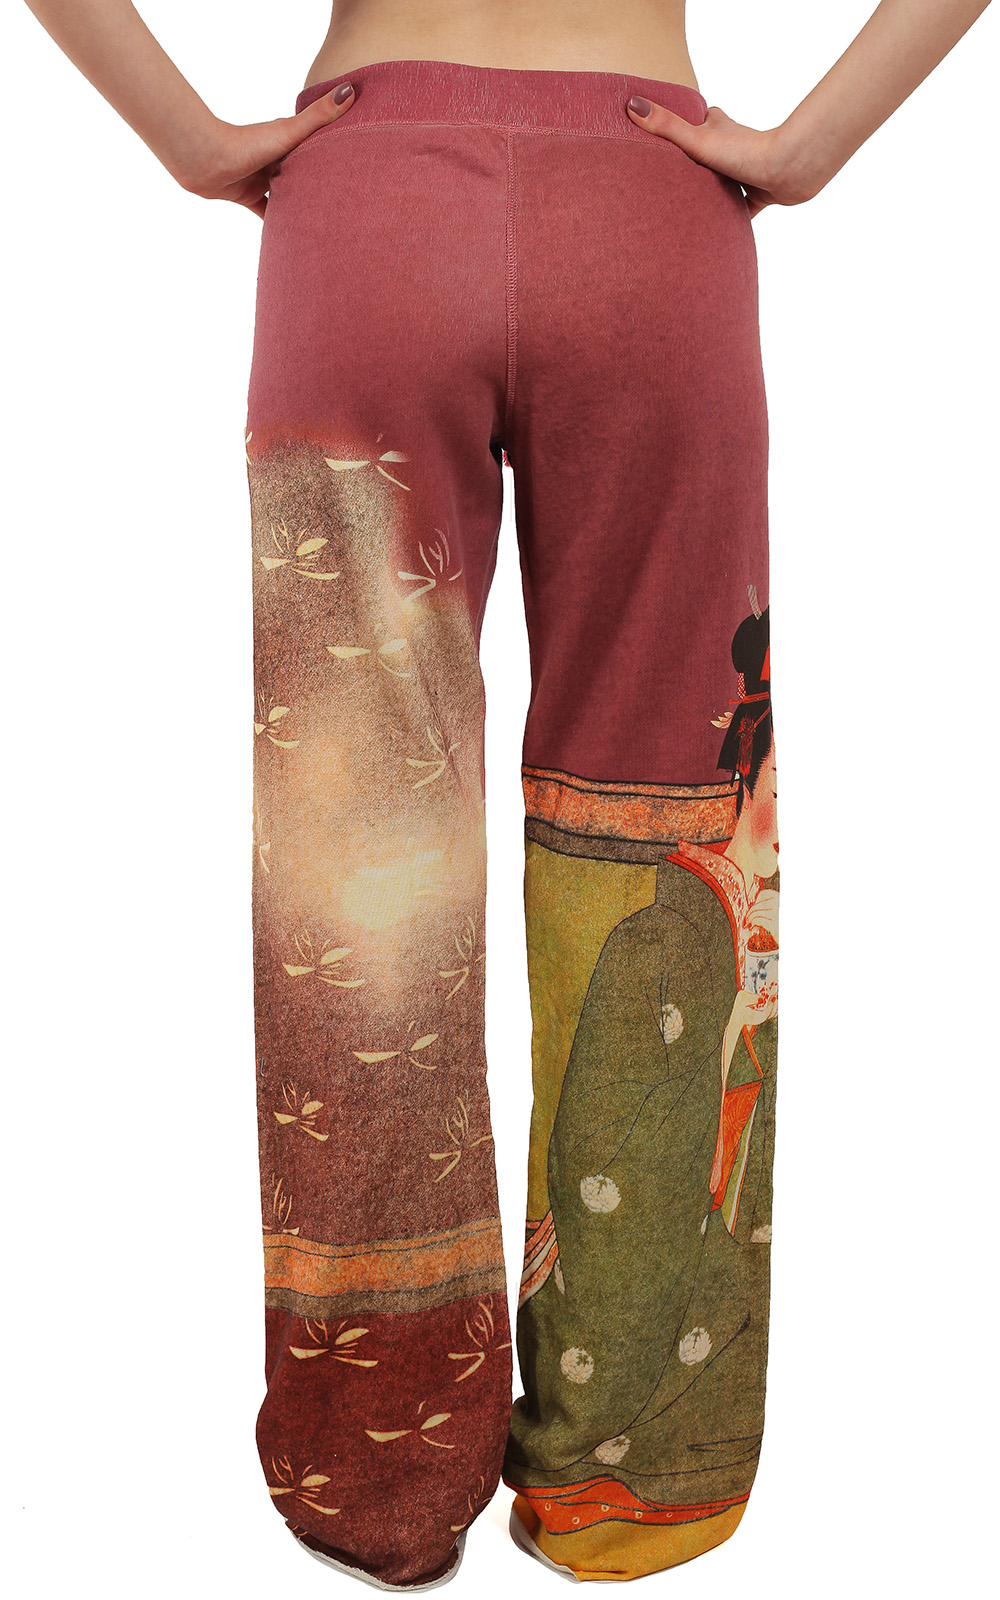 Женственные штаны Paparazzi с тематическим восточным принтом – прямой крой, визуально удлиняющий ноги